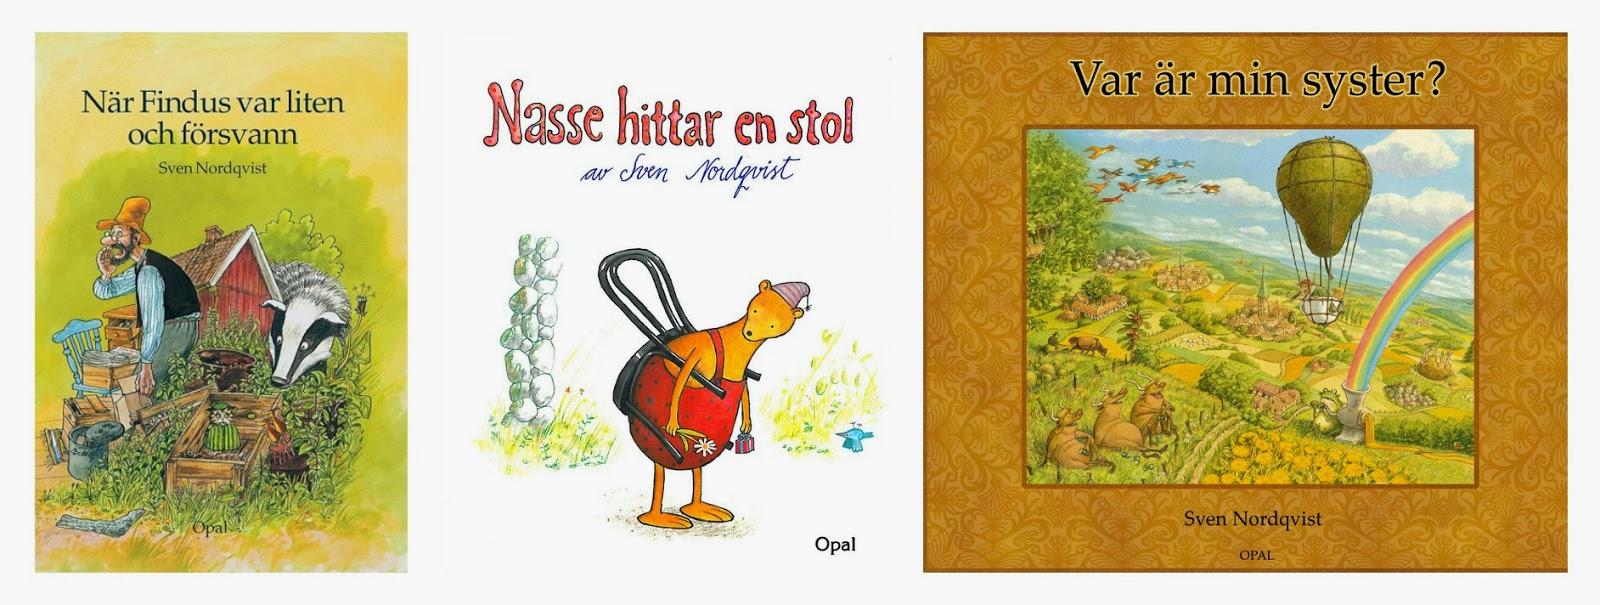 Böcker om nätdejting exempel